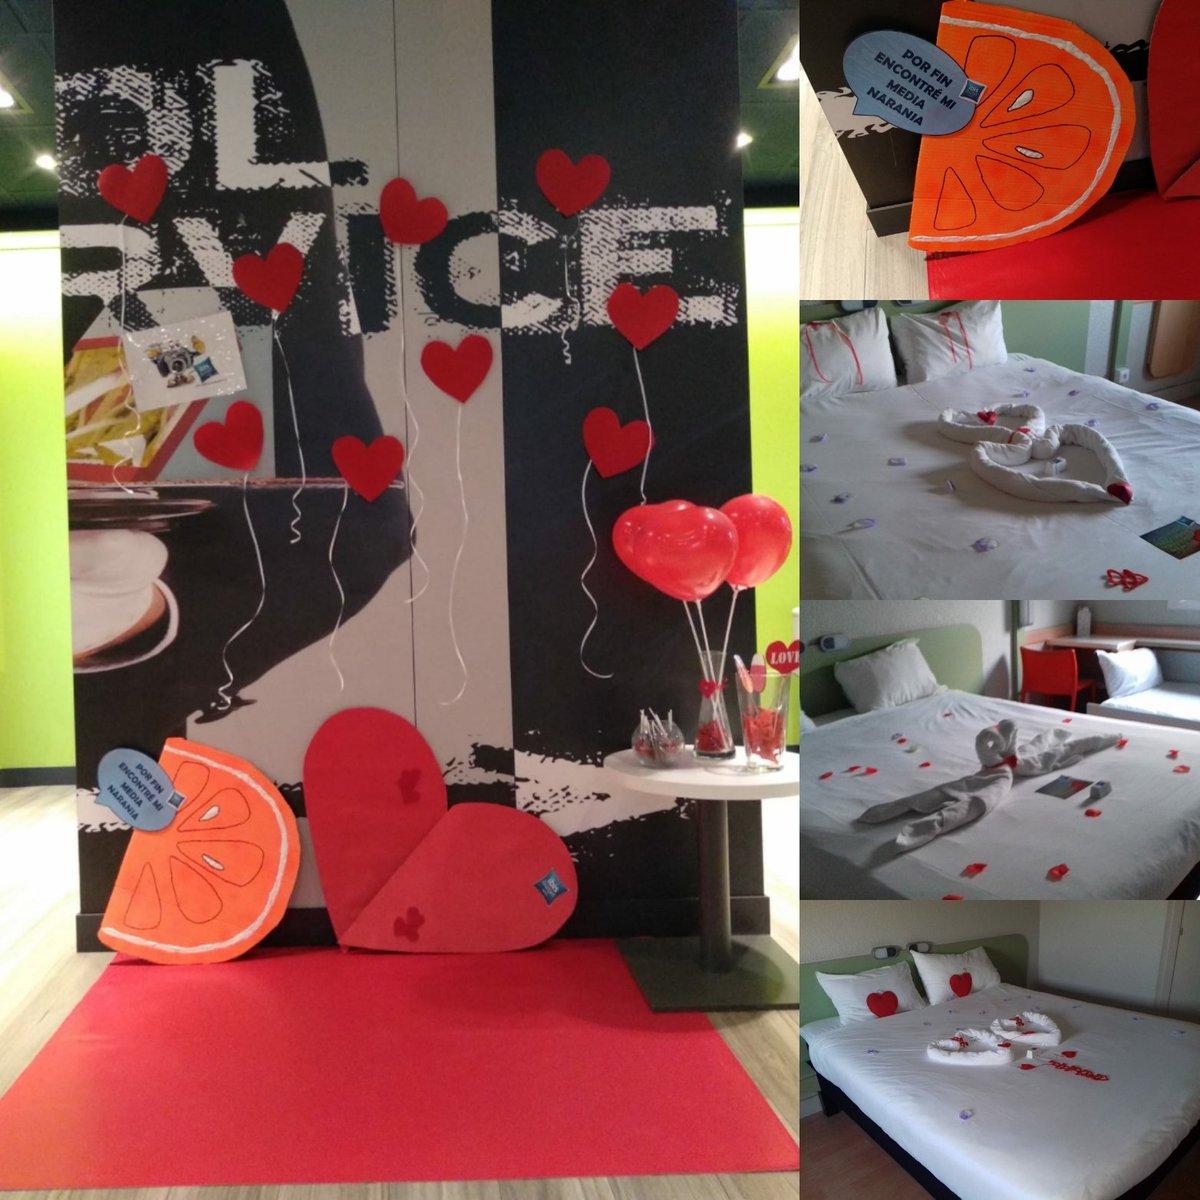 ¡Feliz Día de Los Enamorados! En el #Ibis de #Móstoles ya tenemos todo preparado para que celebreis este día a lo grande con vuestra media naranja. #loveisintheair https://t.co/uWJF3l631m